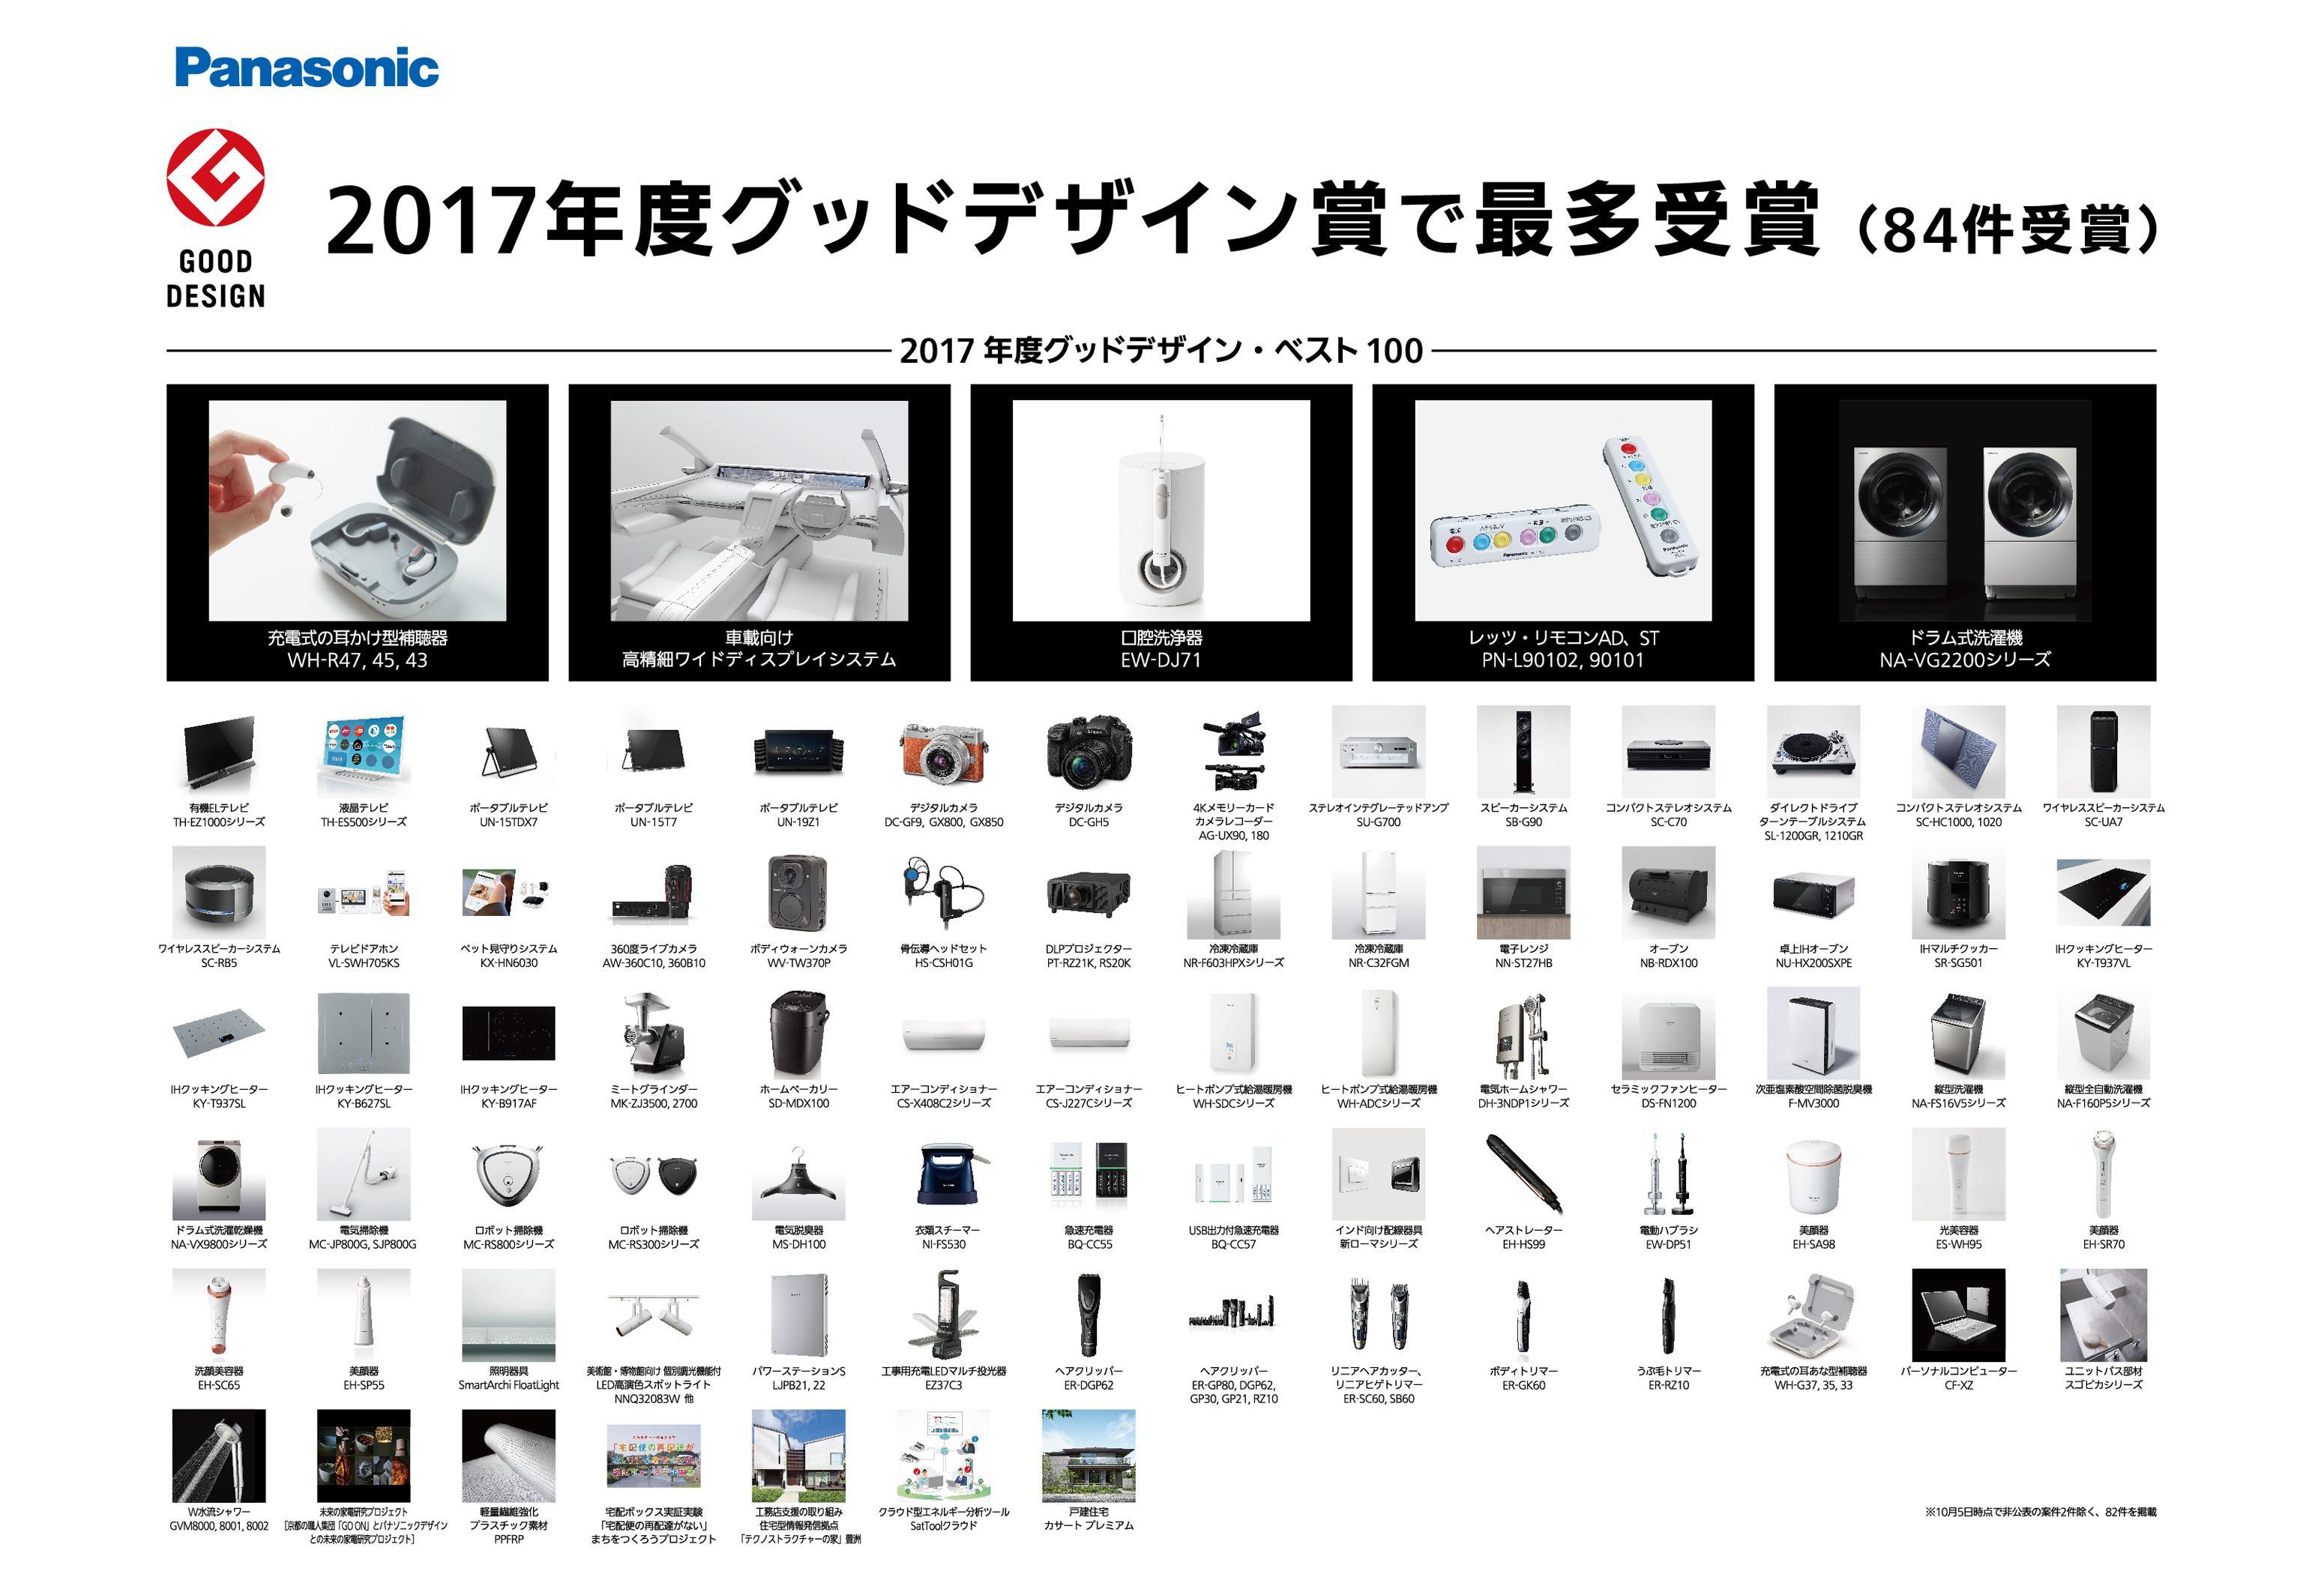 「2017年度グッドデザイン賞」受賞商品